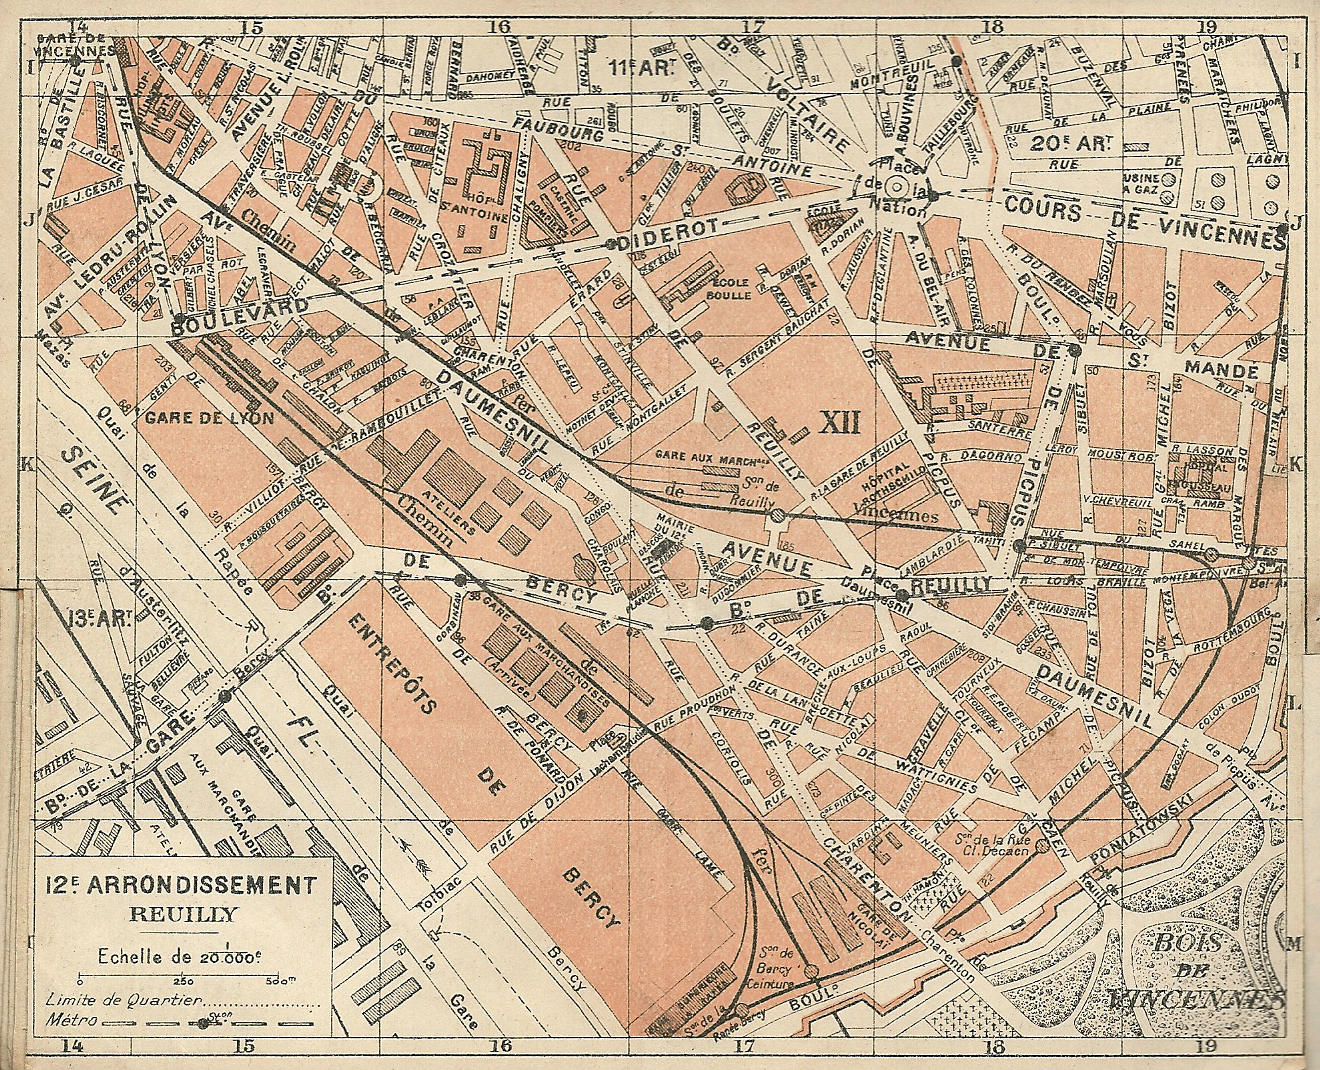 carte de paris par arrondissement File:Paris.carte d'arrondissement.A12.   Wikimedia Commons